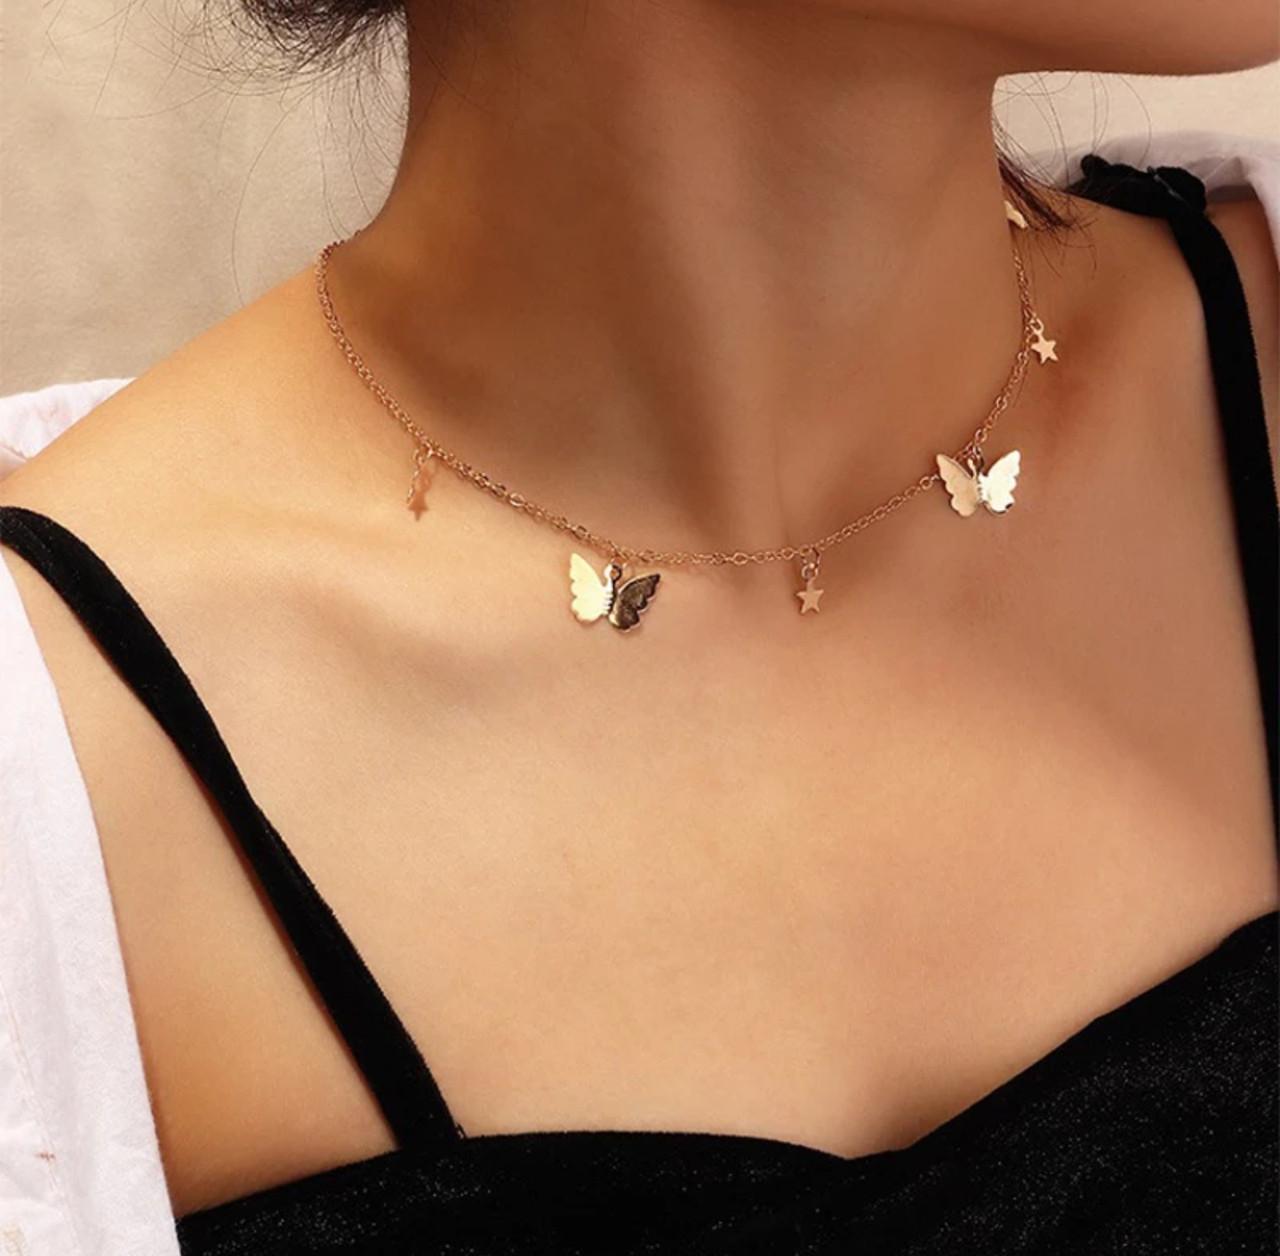 Ланцюжок кулон намисто з метеликами і зірками